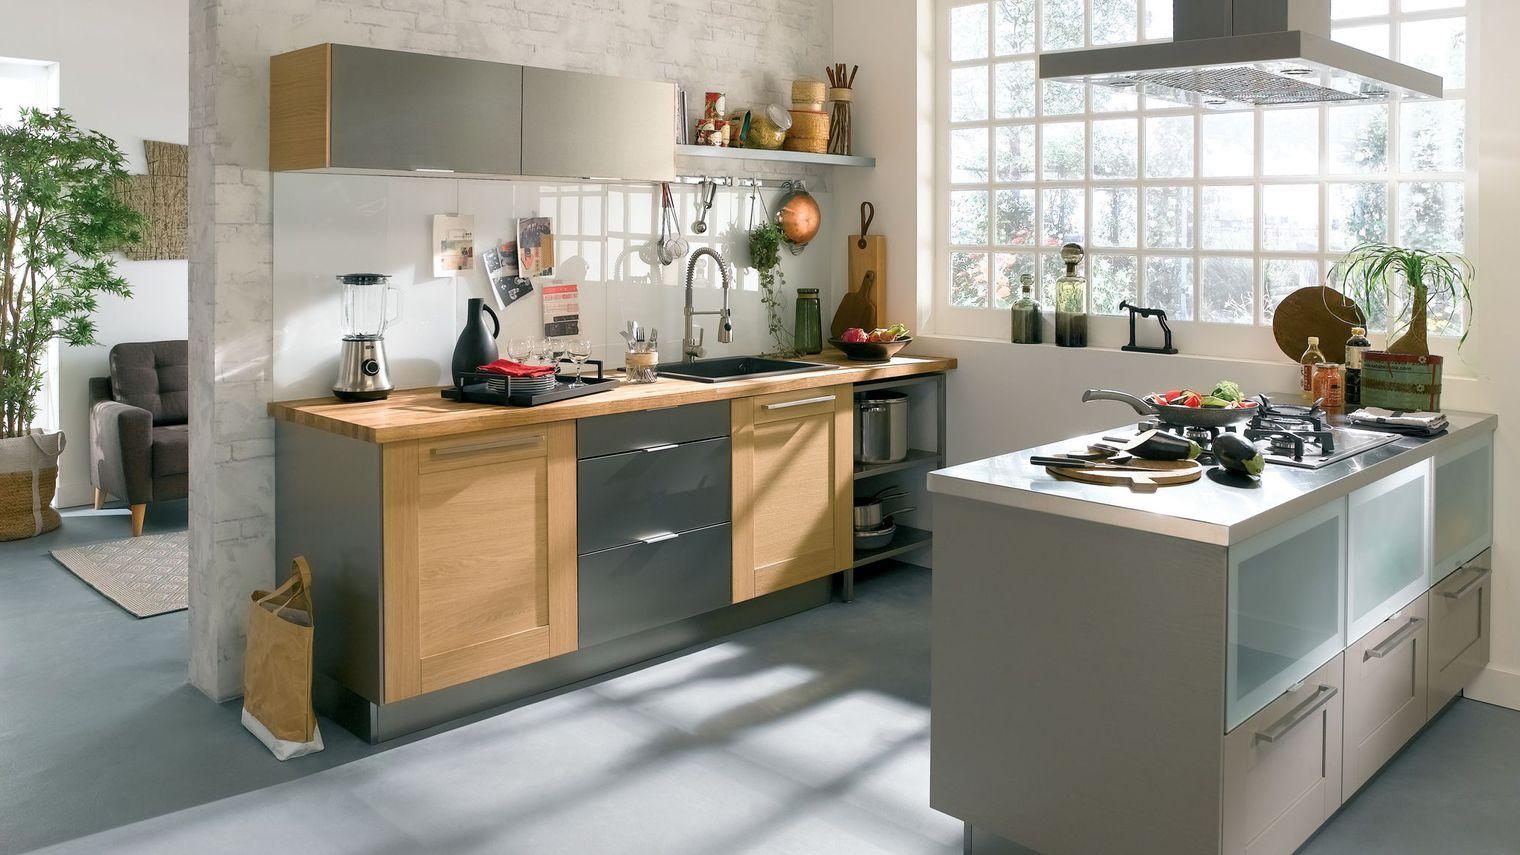 Modele cuisine ancienne bois - lille-menage.fr maison